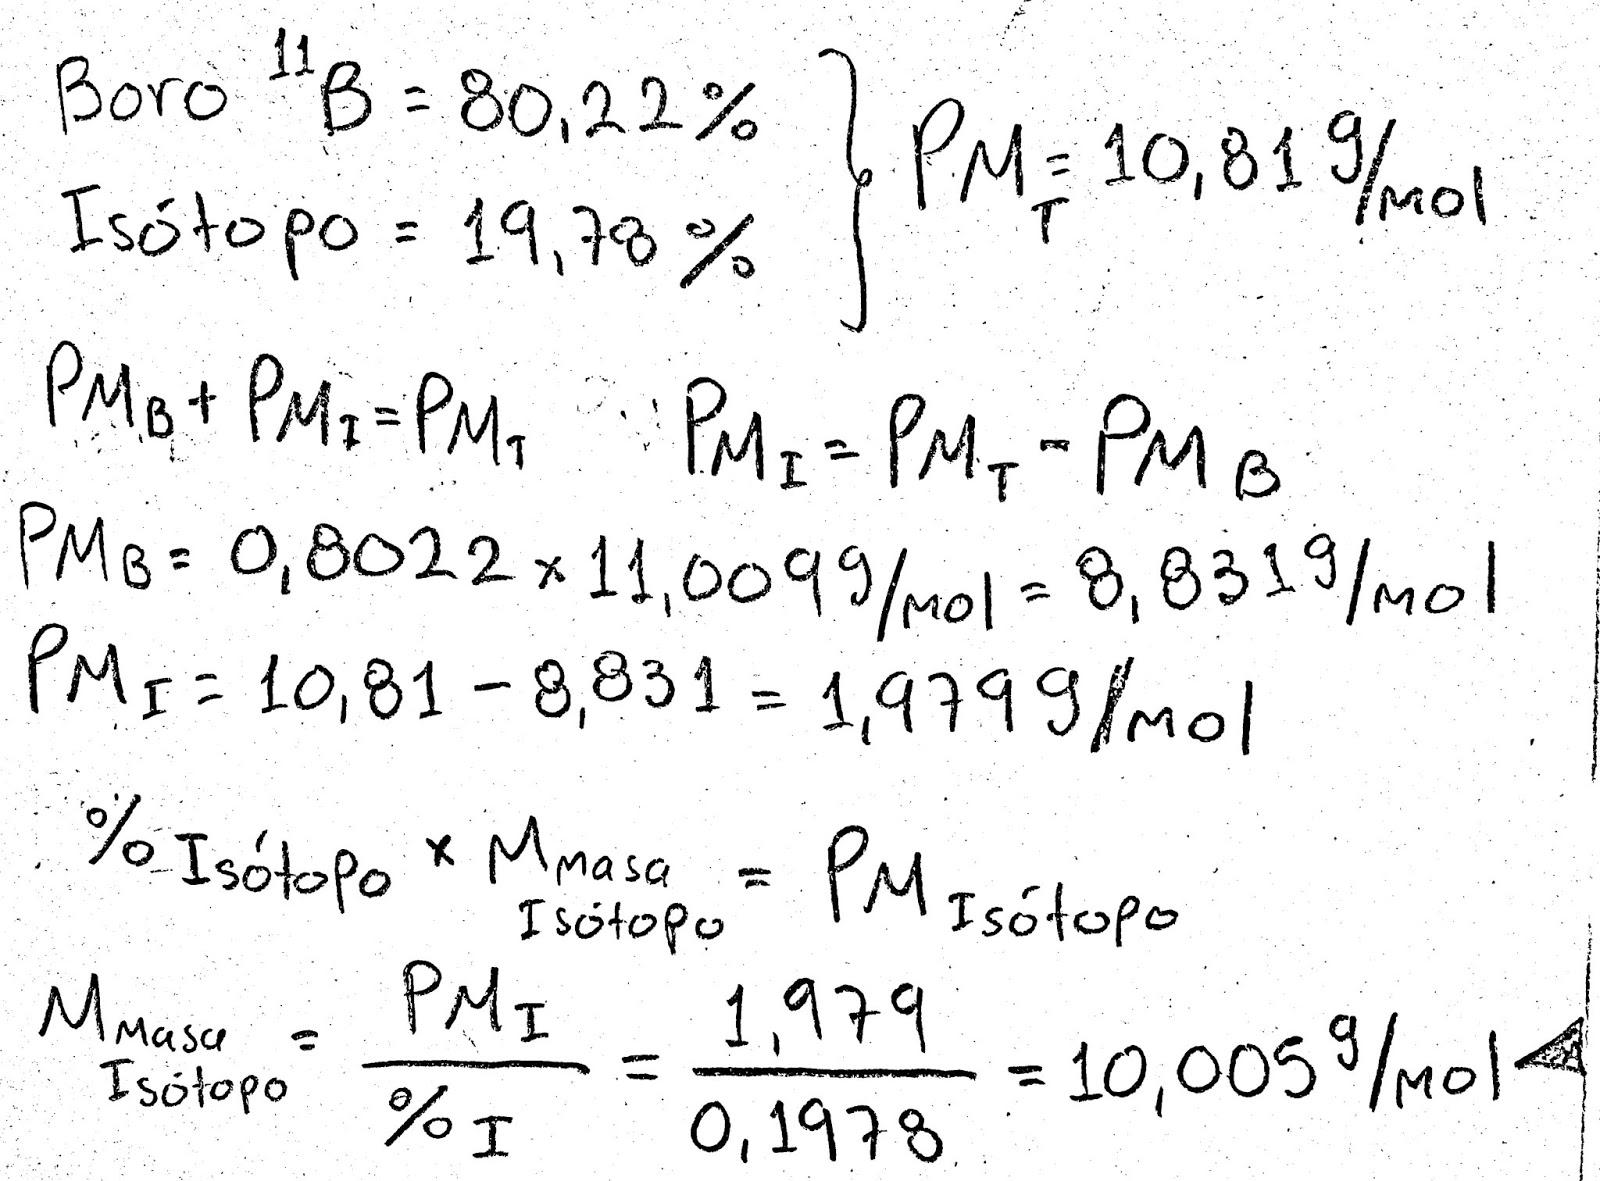 Isotopos masa atomica promedio